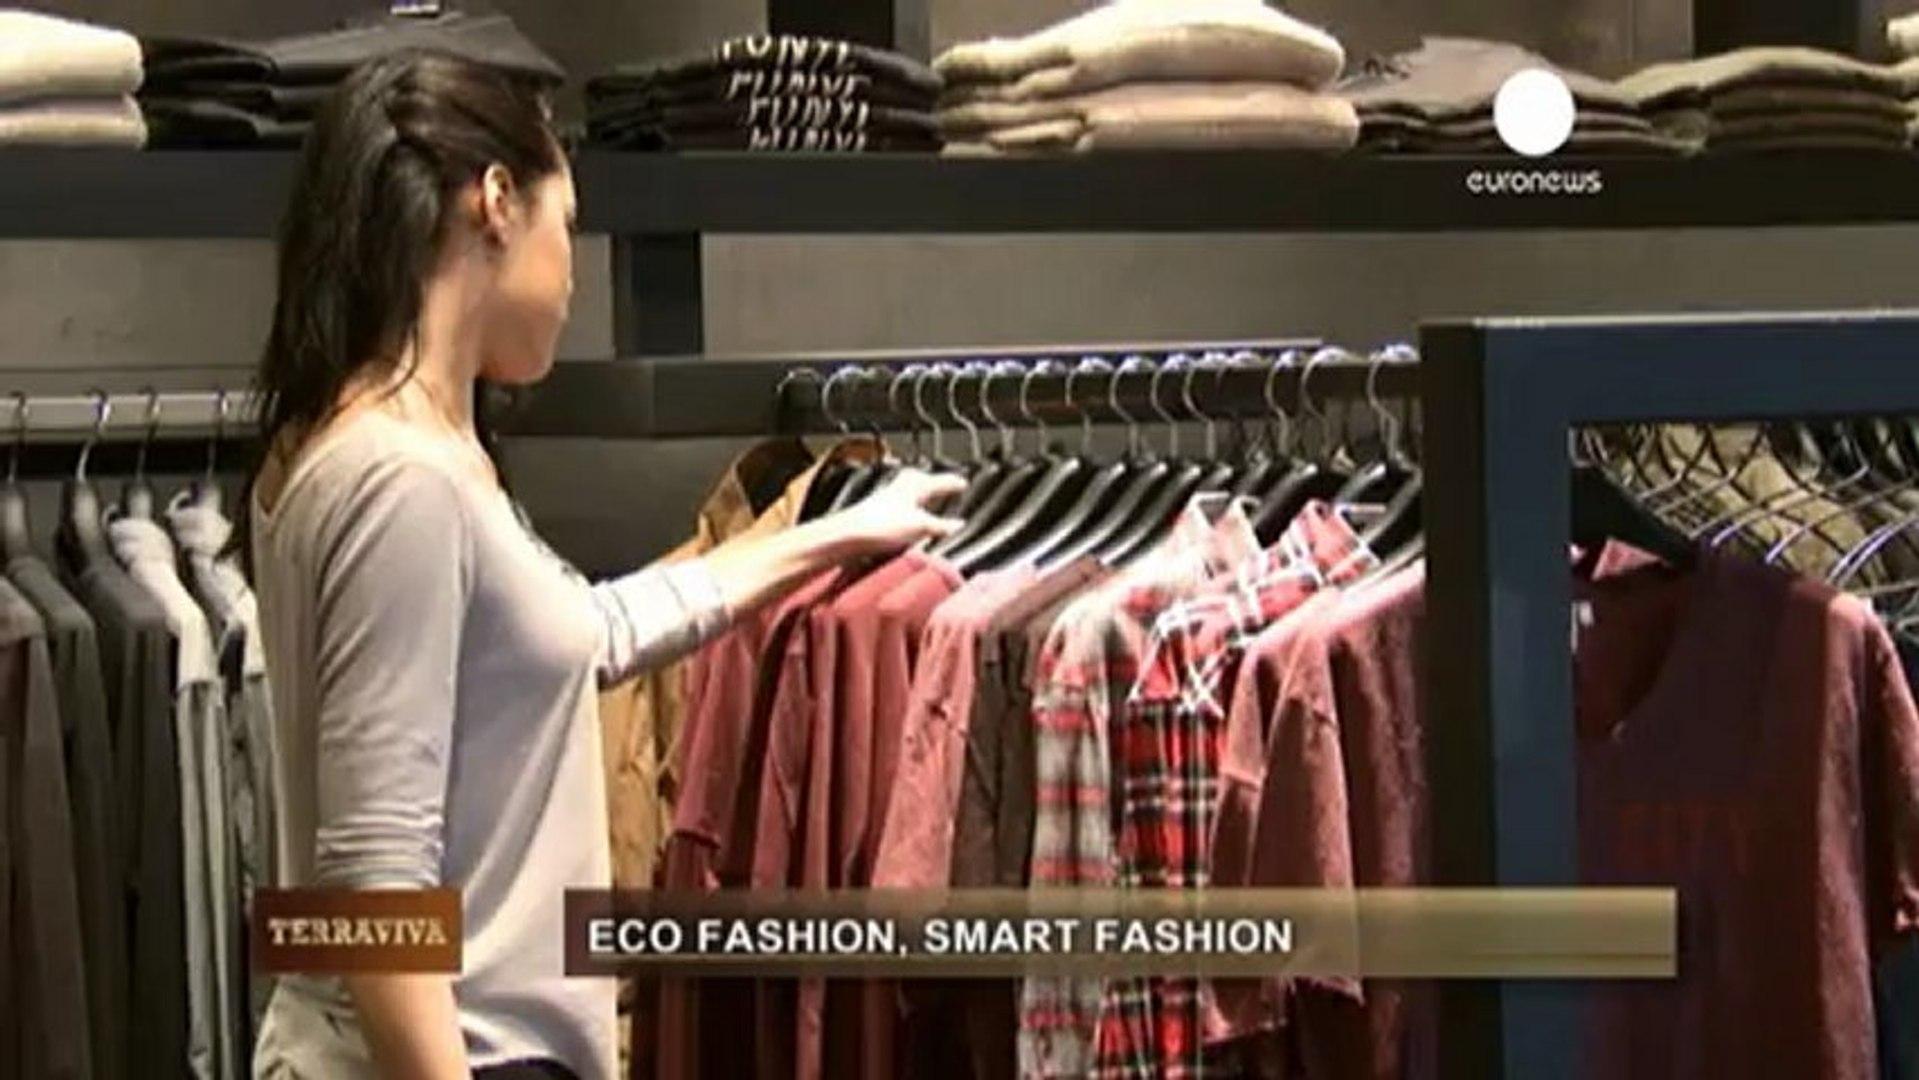 Eco fashion, smart fashion